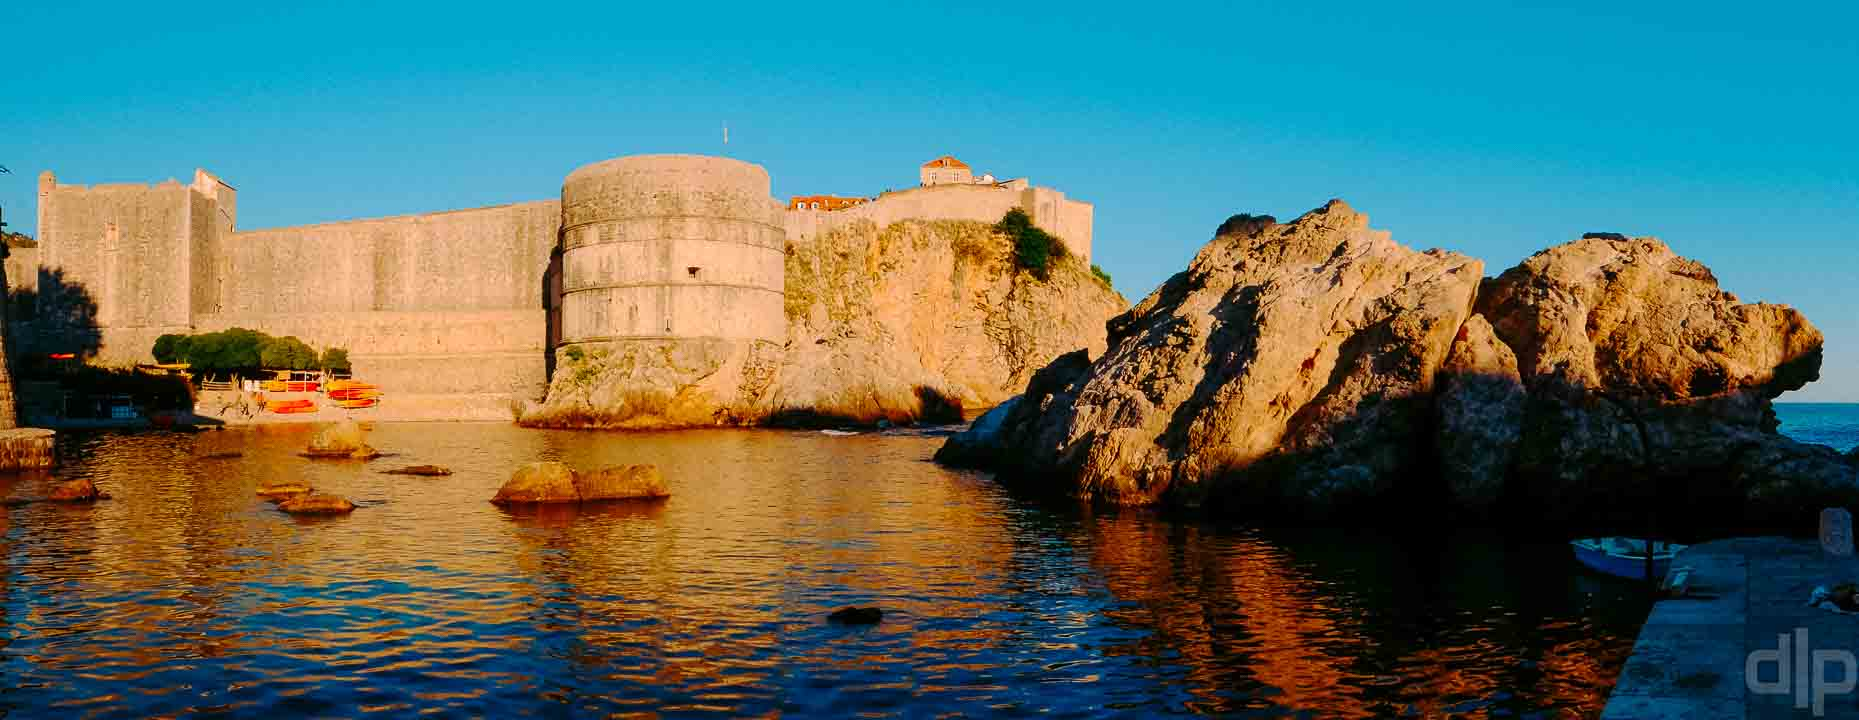 королевская гавань фото хорватия дубровник